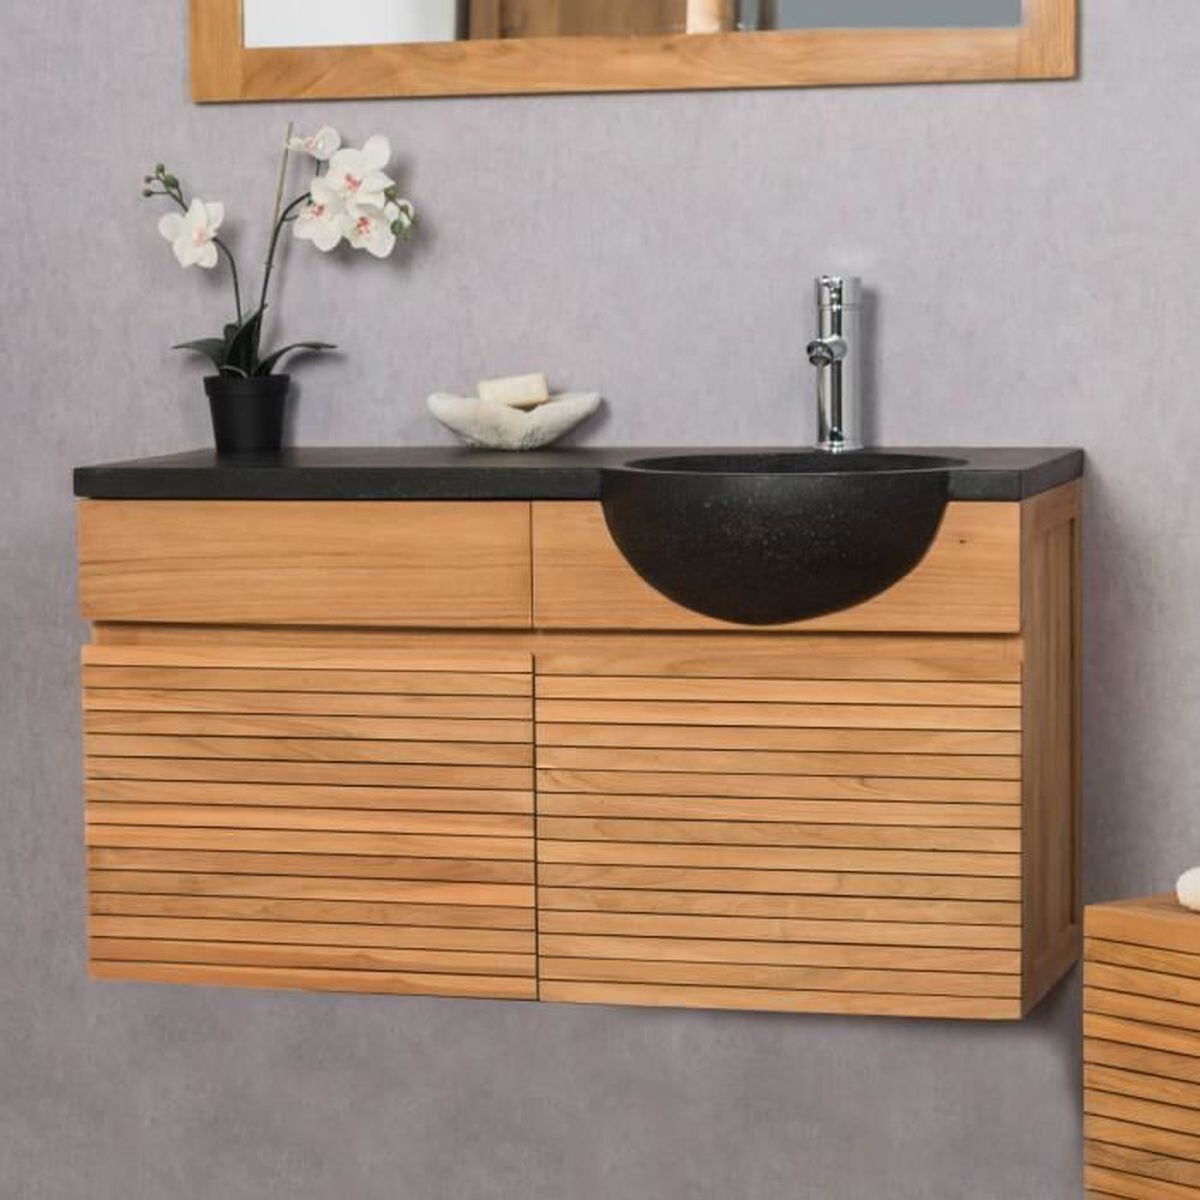 Bois Salle De Bain meuble salle de bain en bois exotique